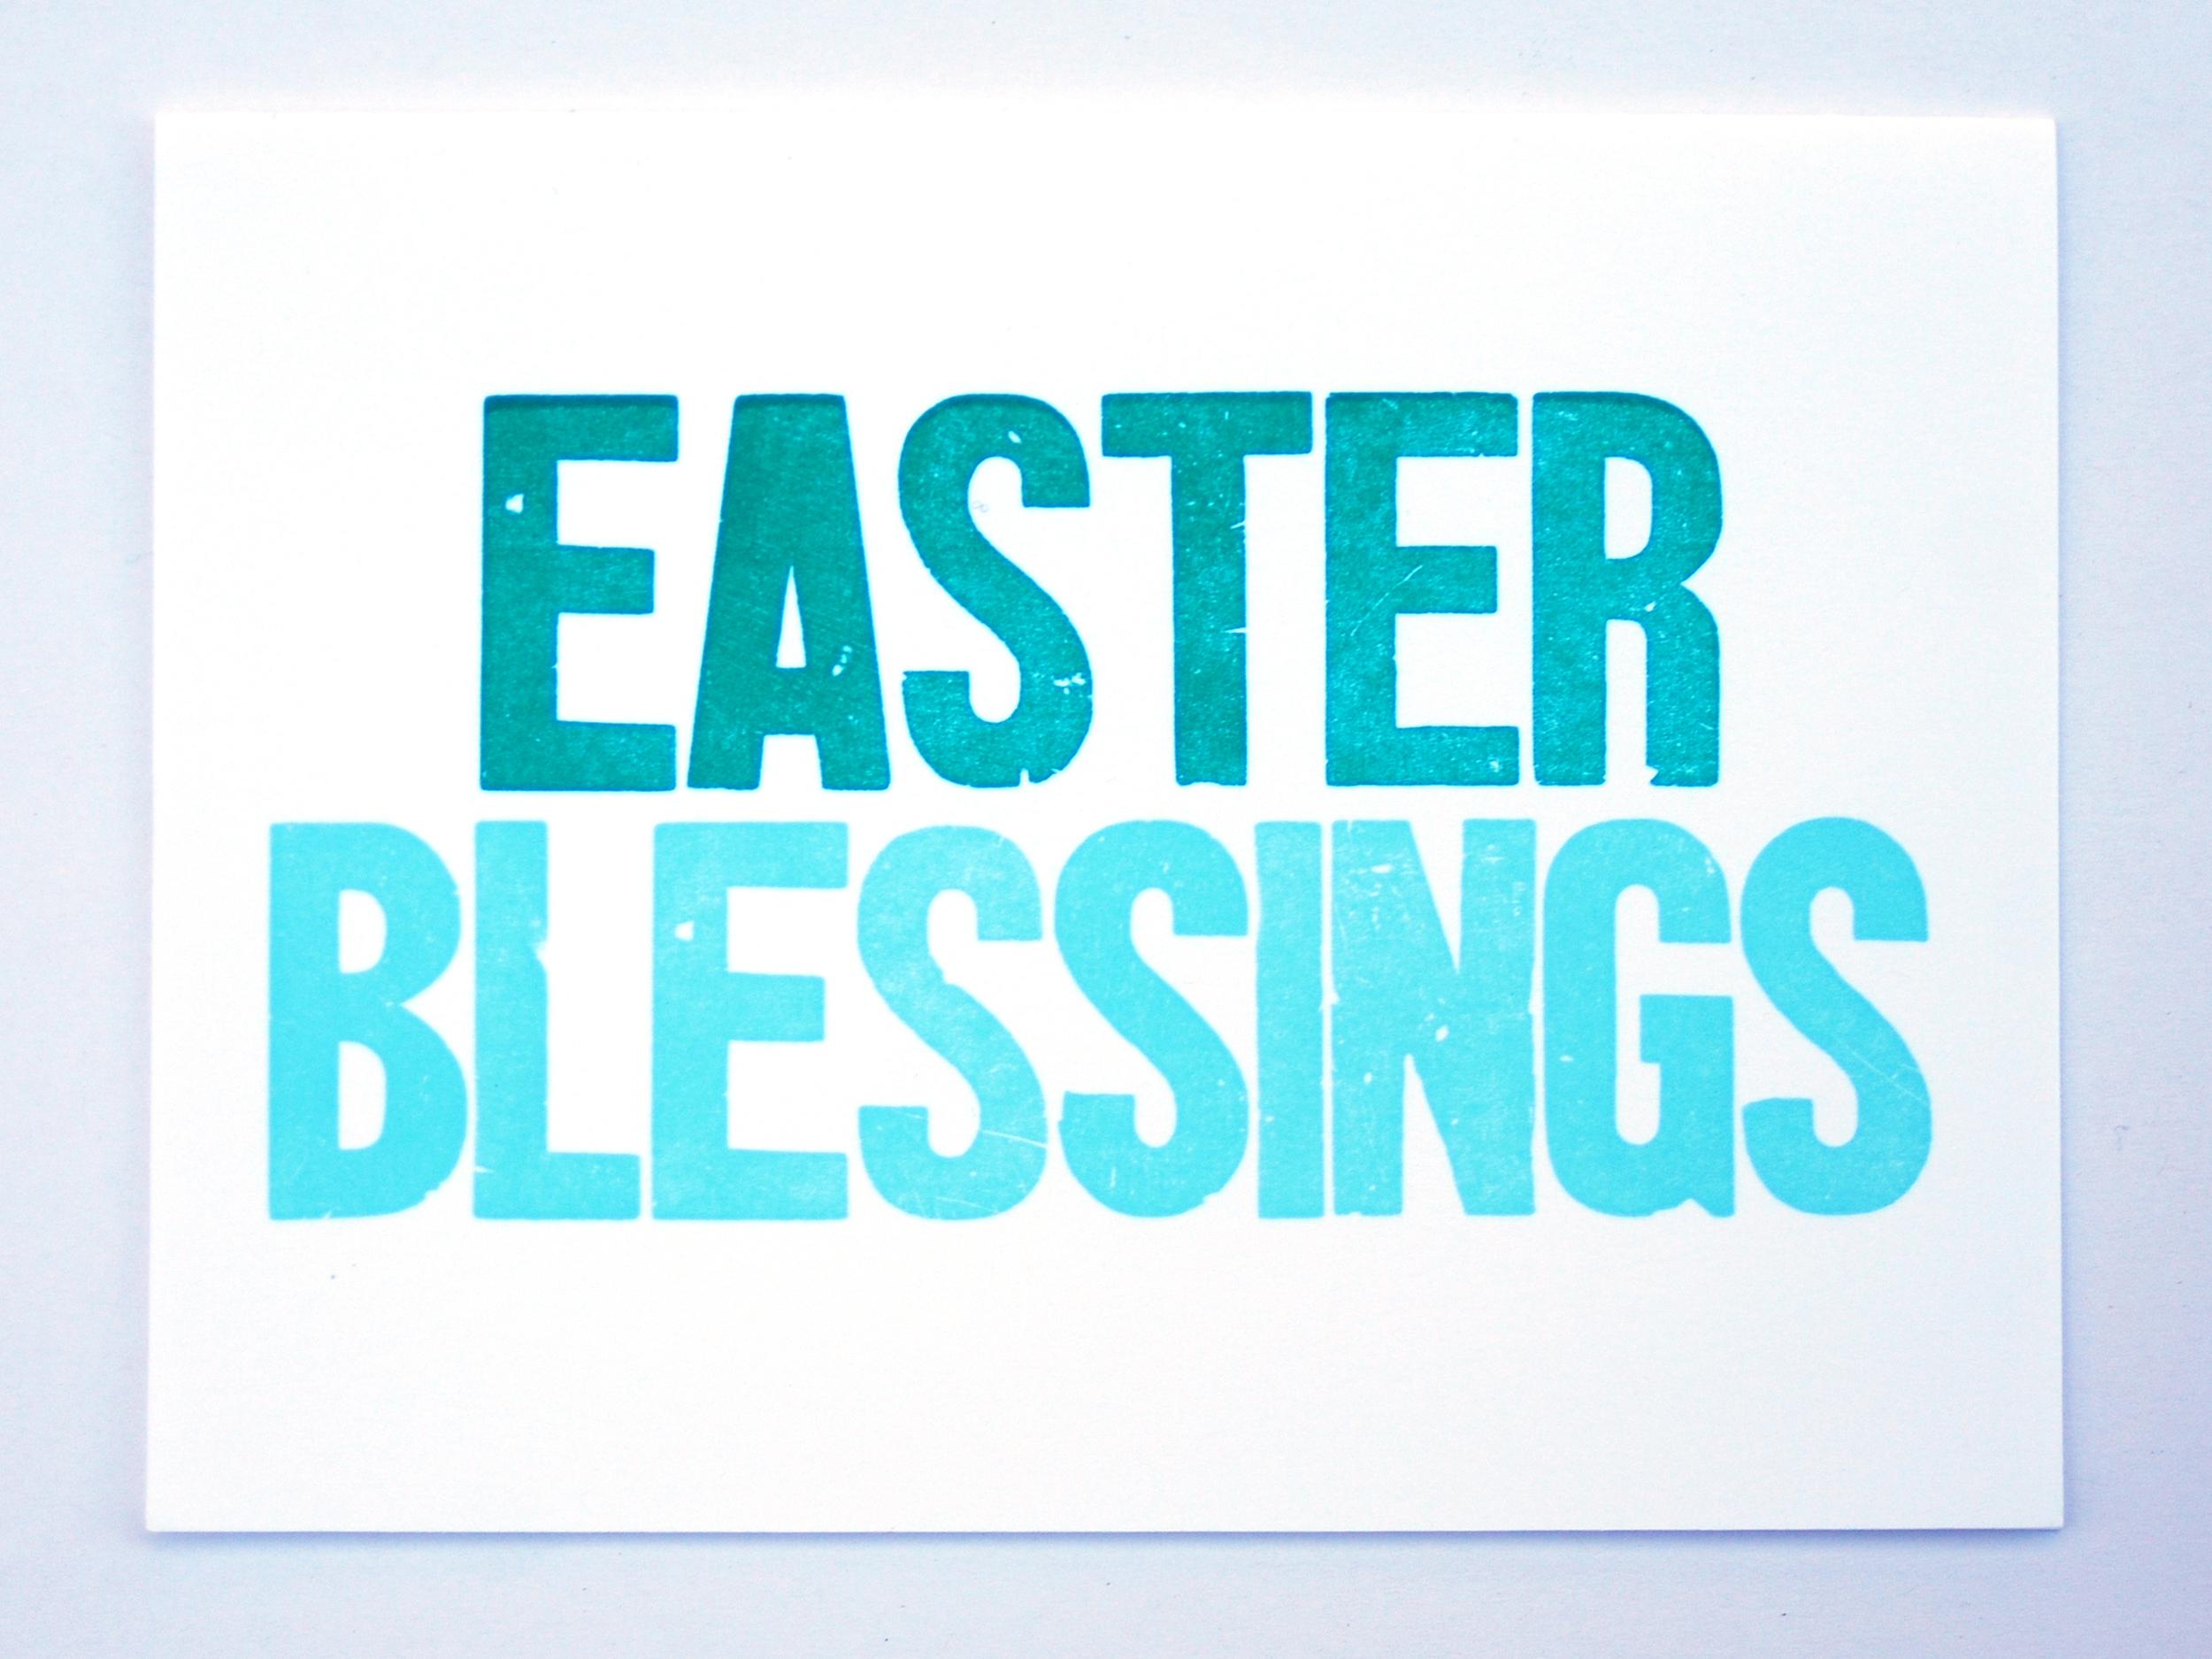 EasterBlessings.jpg